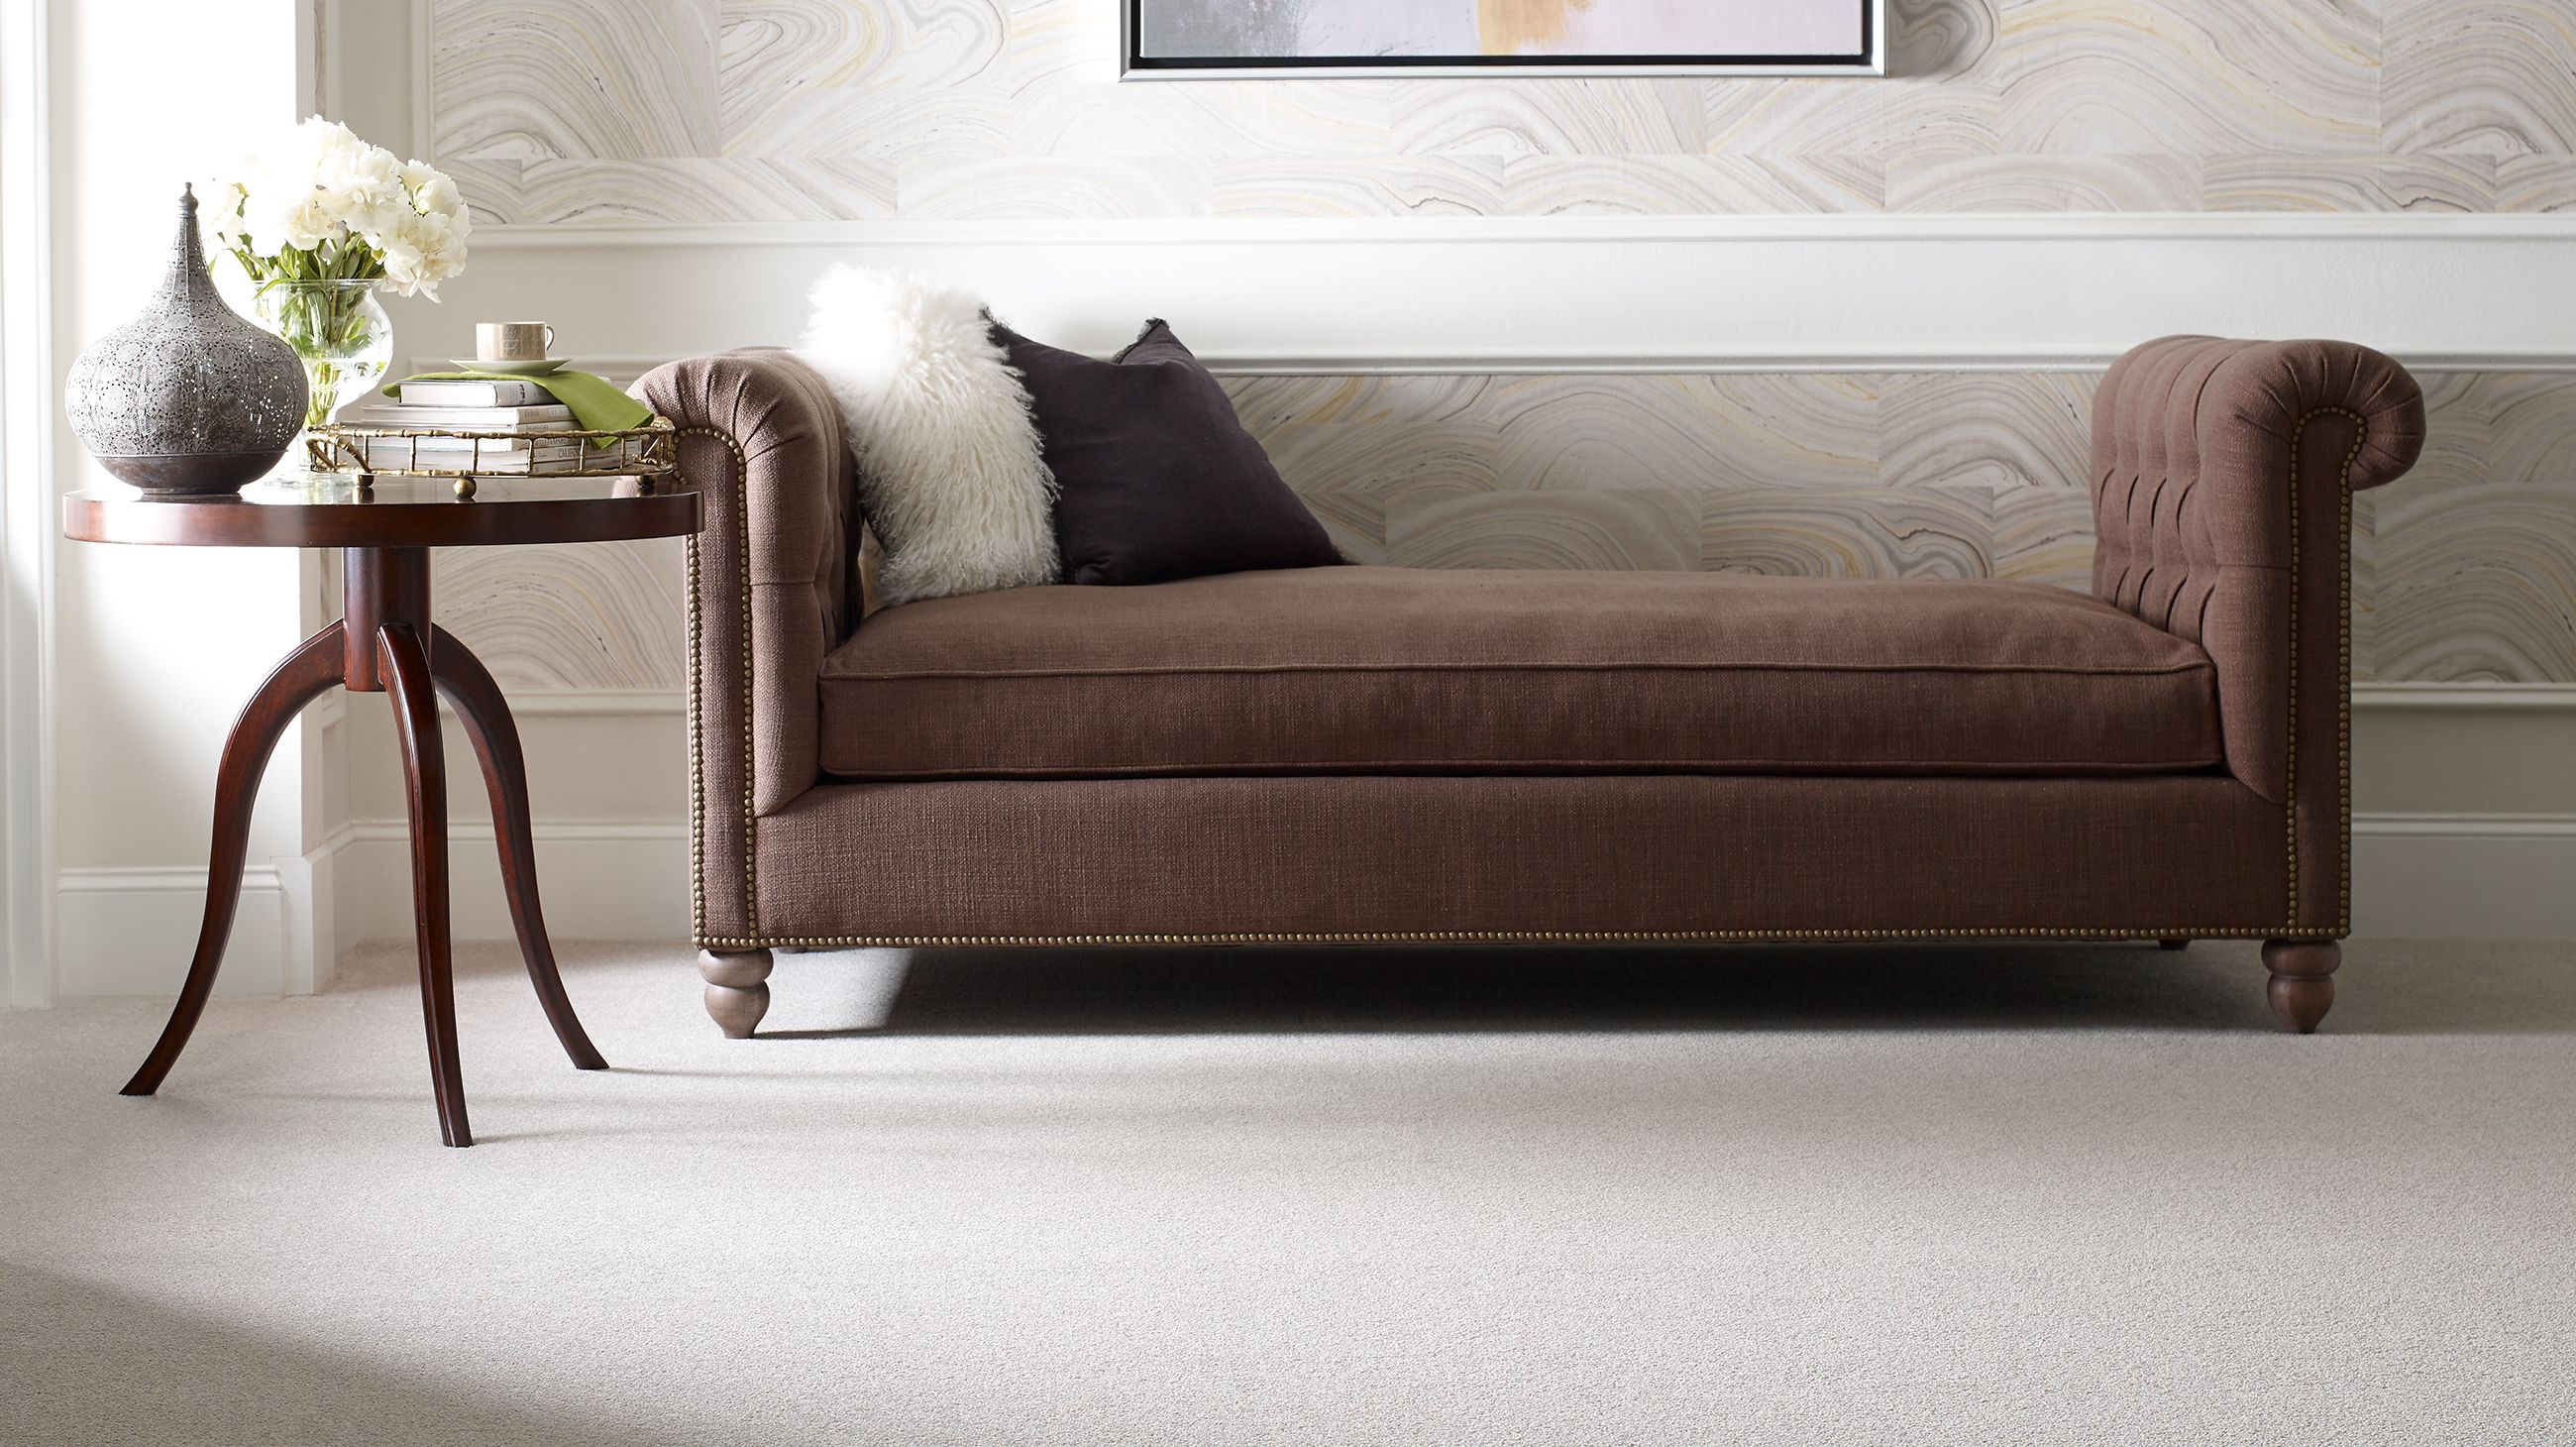 Assorted Sergenians Carpet Header 2600x1460 Final Dixie Home Carpet Dixie Home Carpet Dealers houzz-03 Dixie Home Carpet